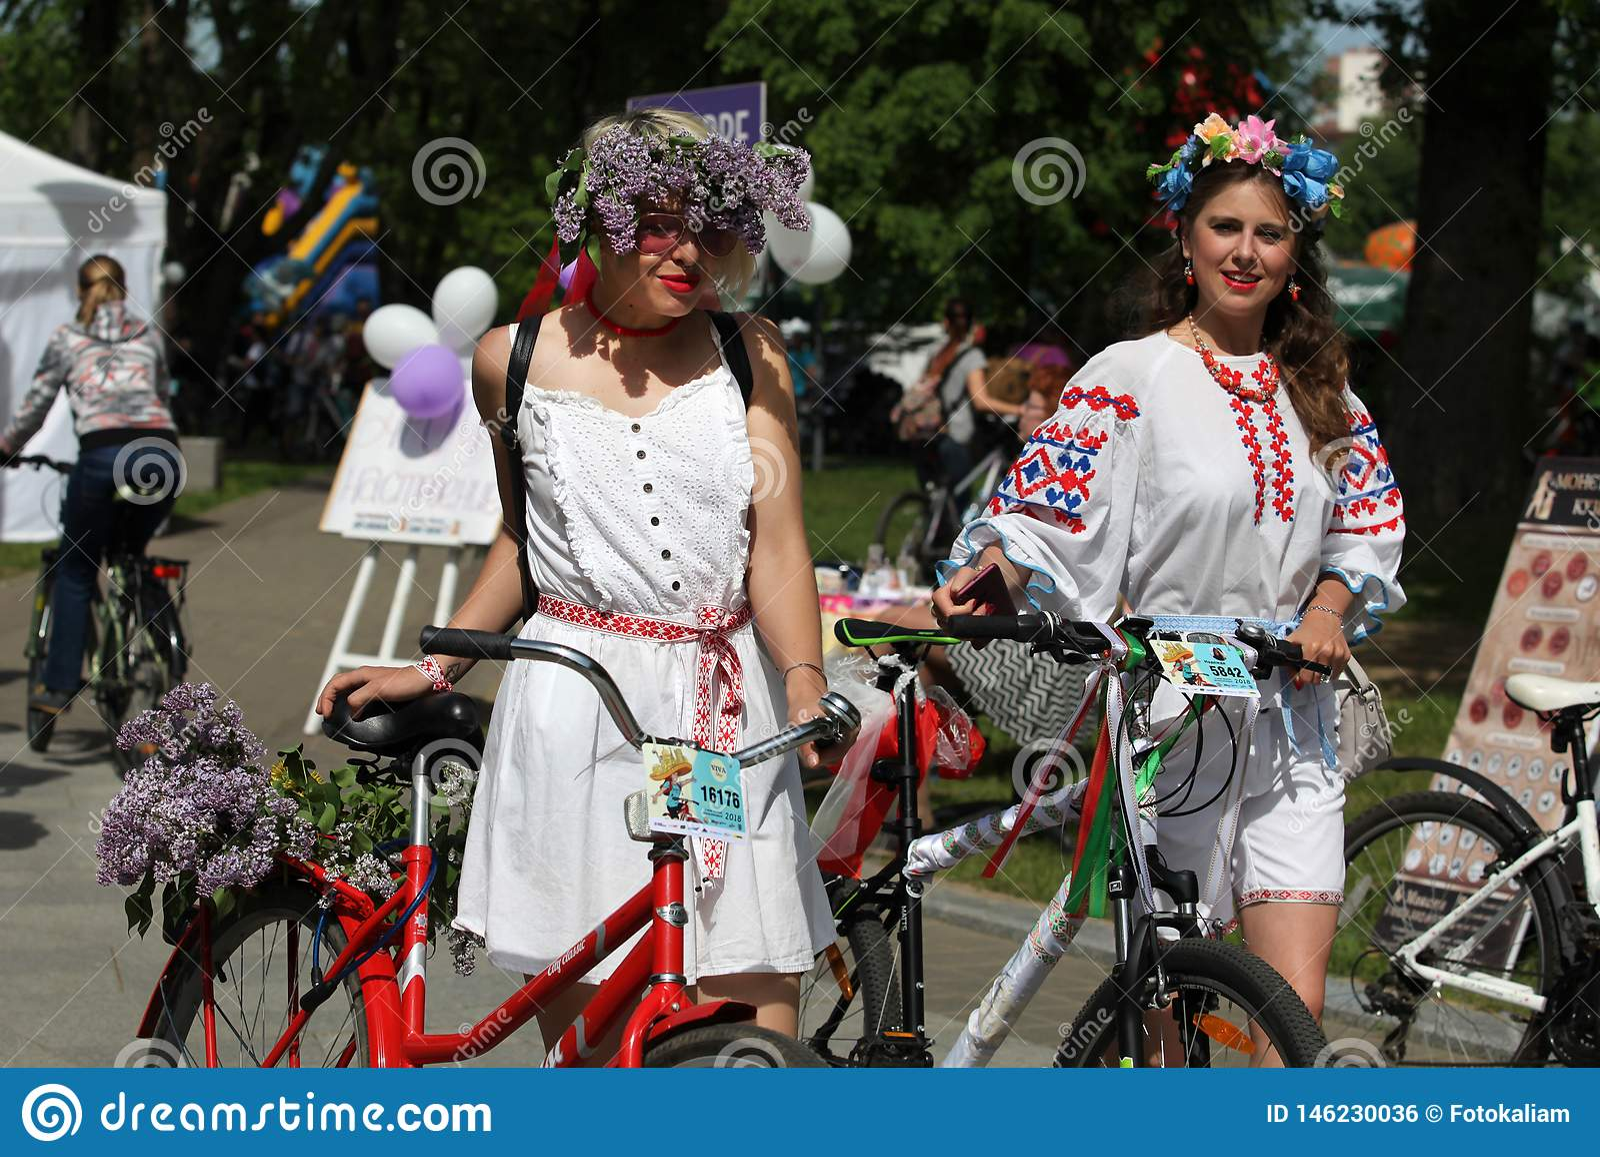 Participantes en el carnaval anual de los ciclistas, Minsk, Bielorrusia